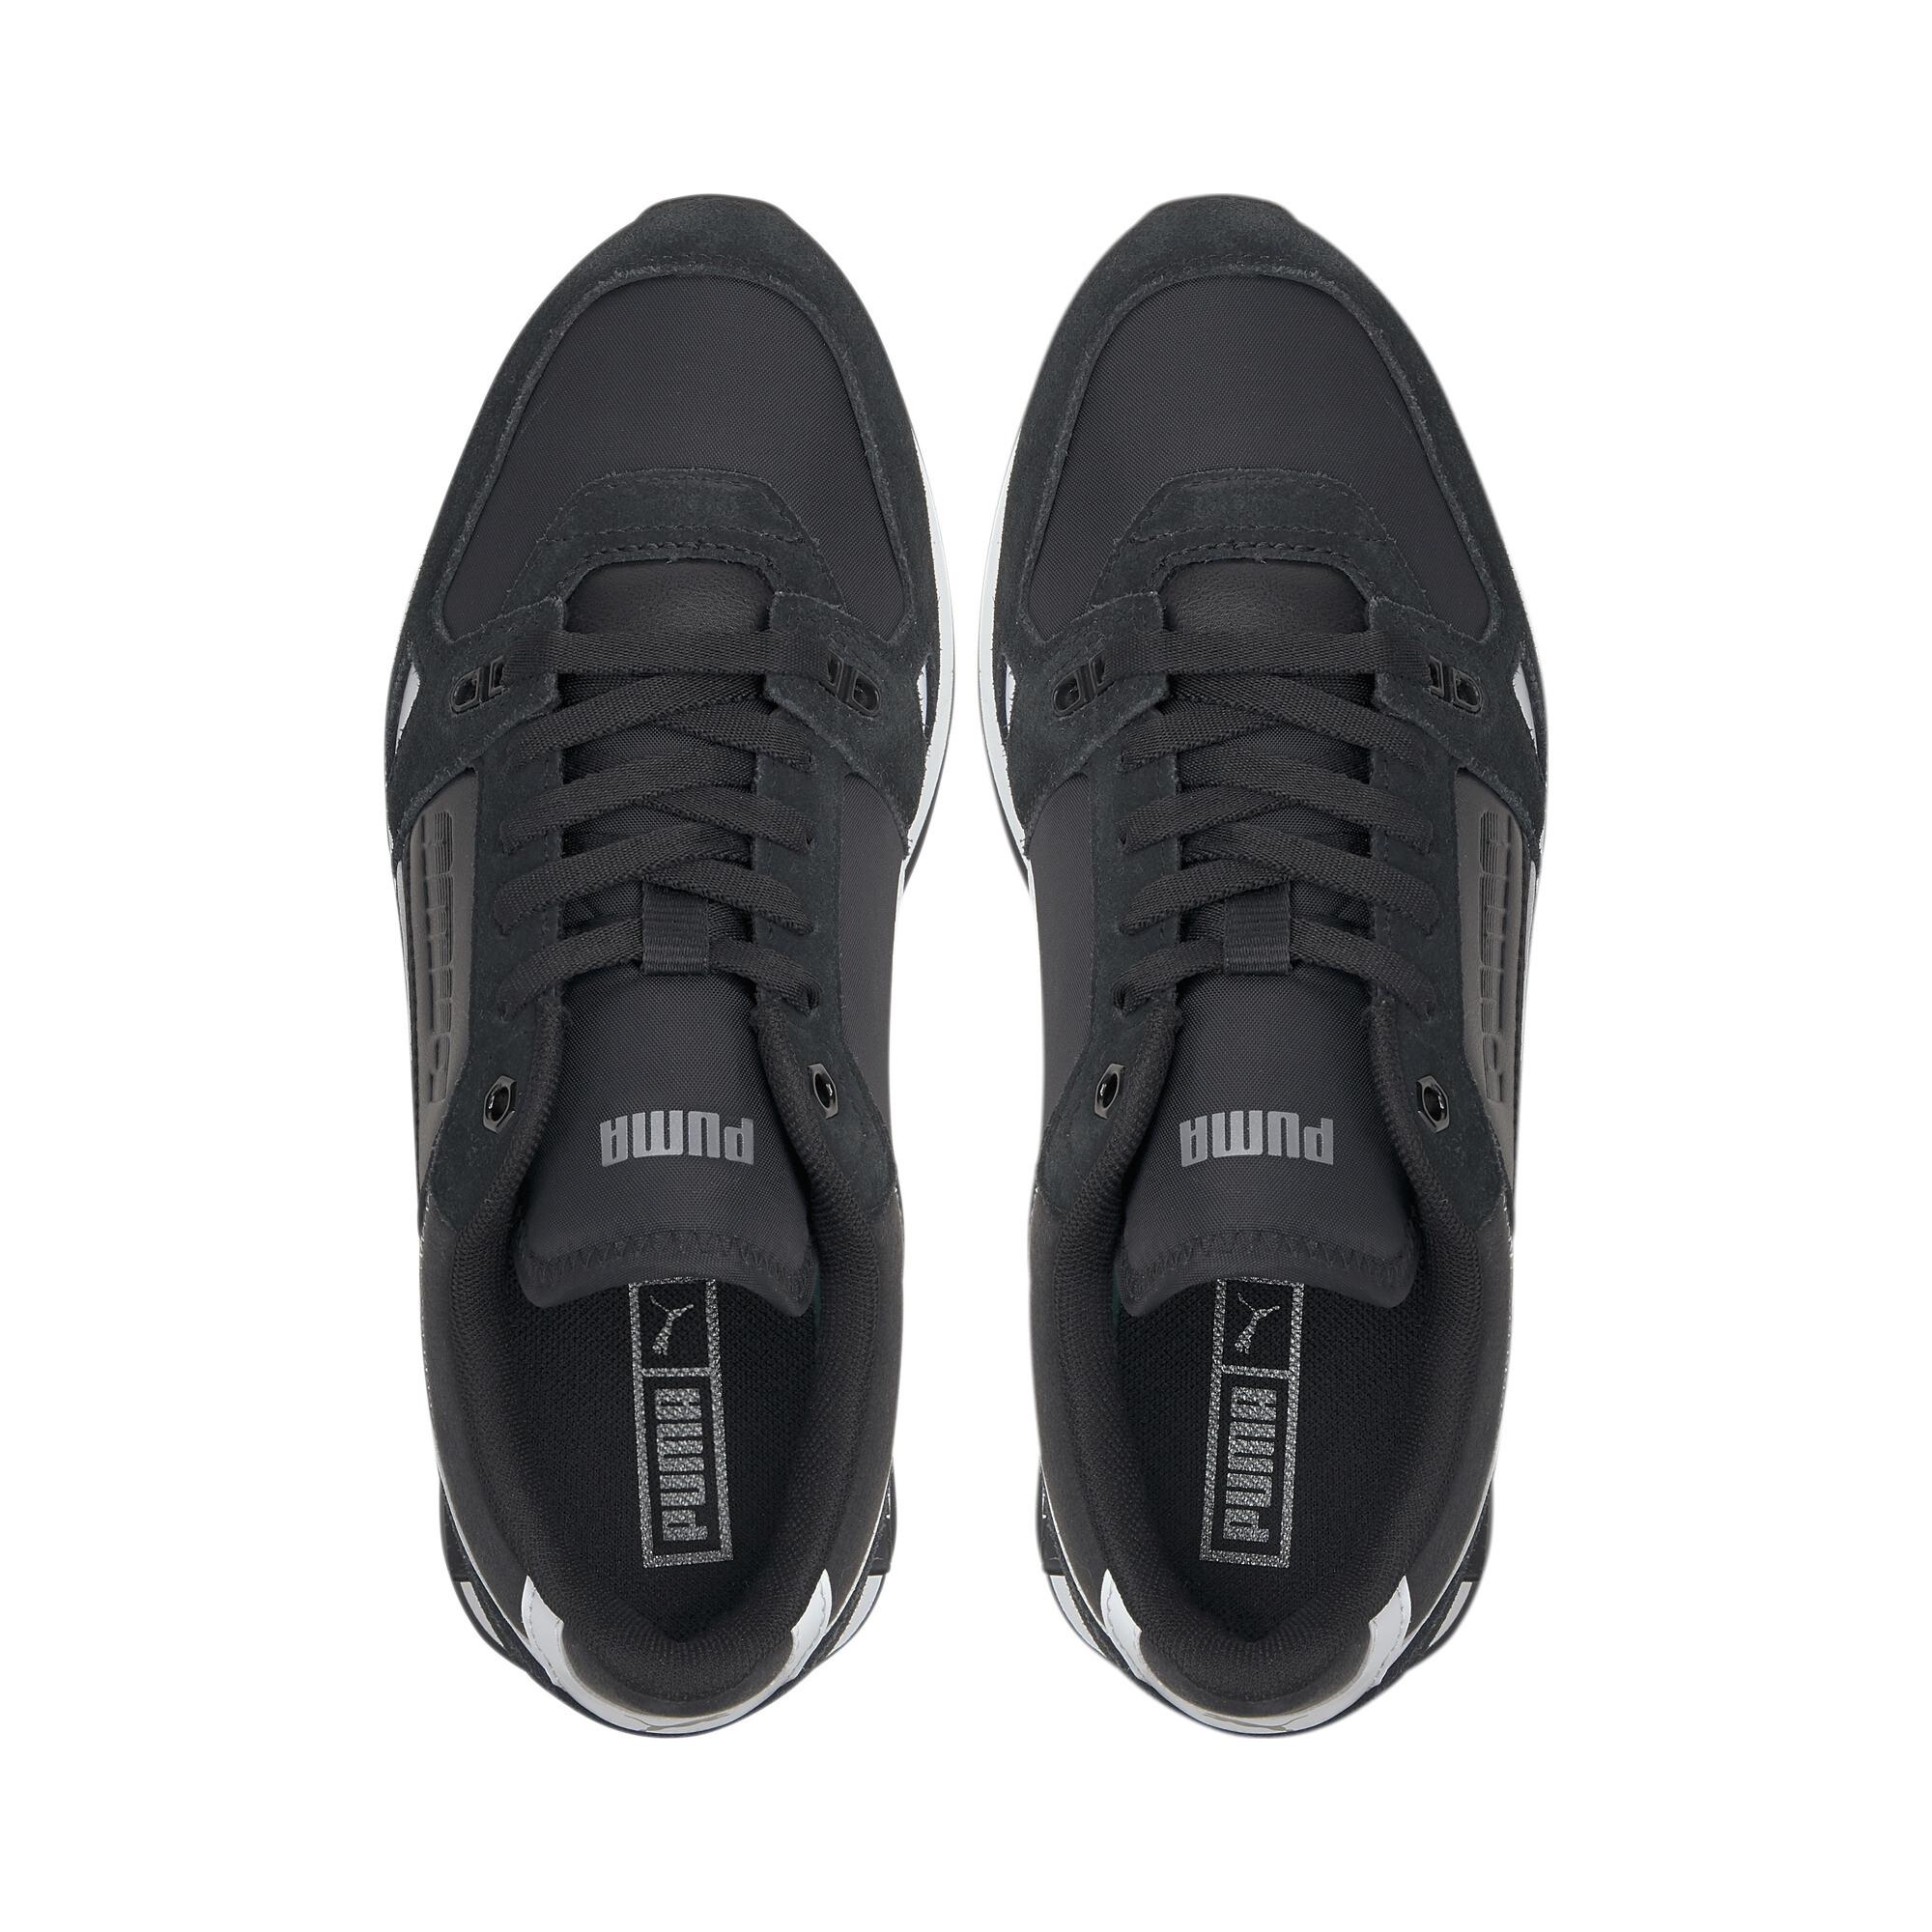 Indexbild 19 - PUMA-Mile-Rider-Chrome-Desert-Damen-Sneaker-Frauen-Schuhe-Neu